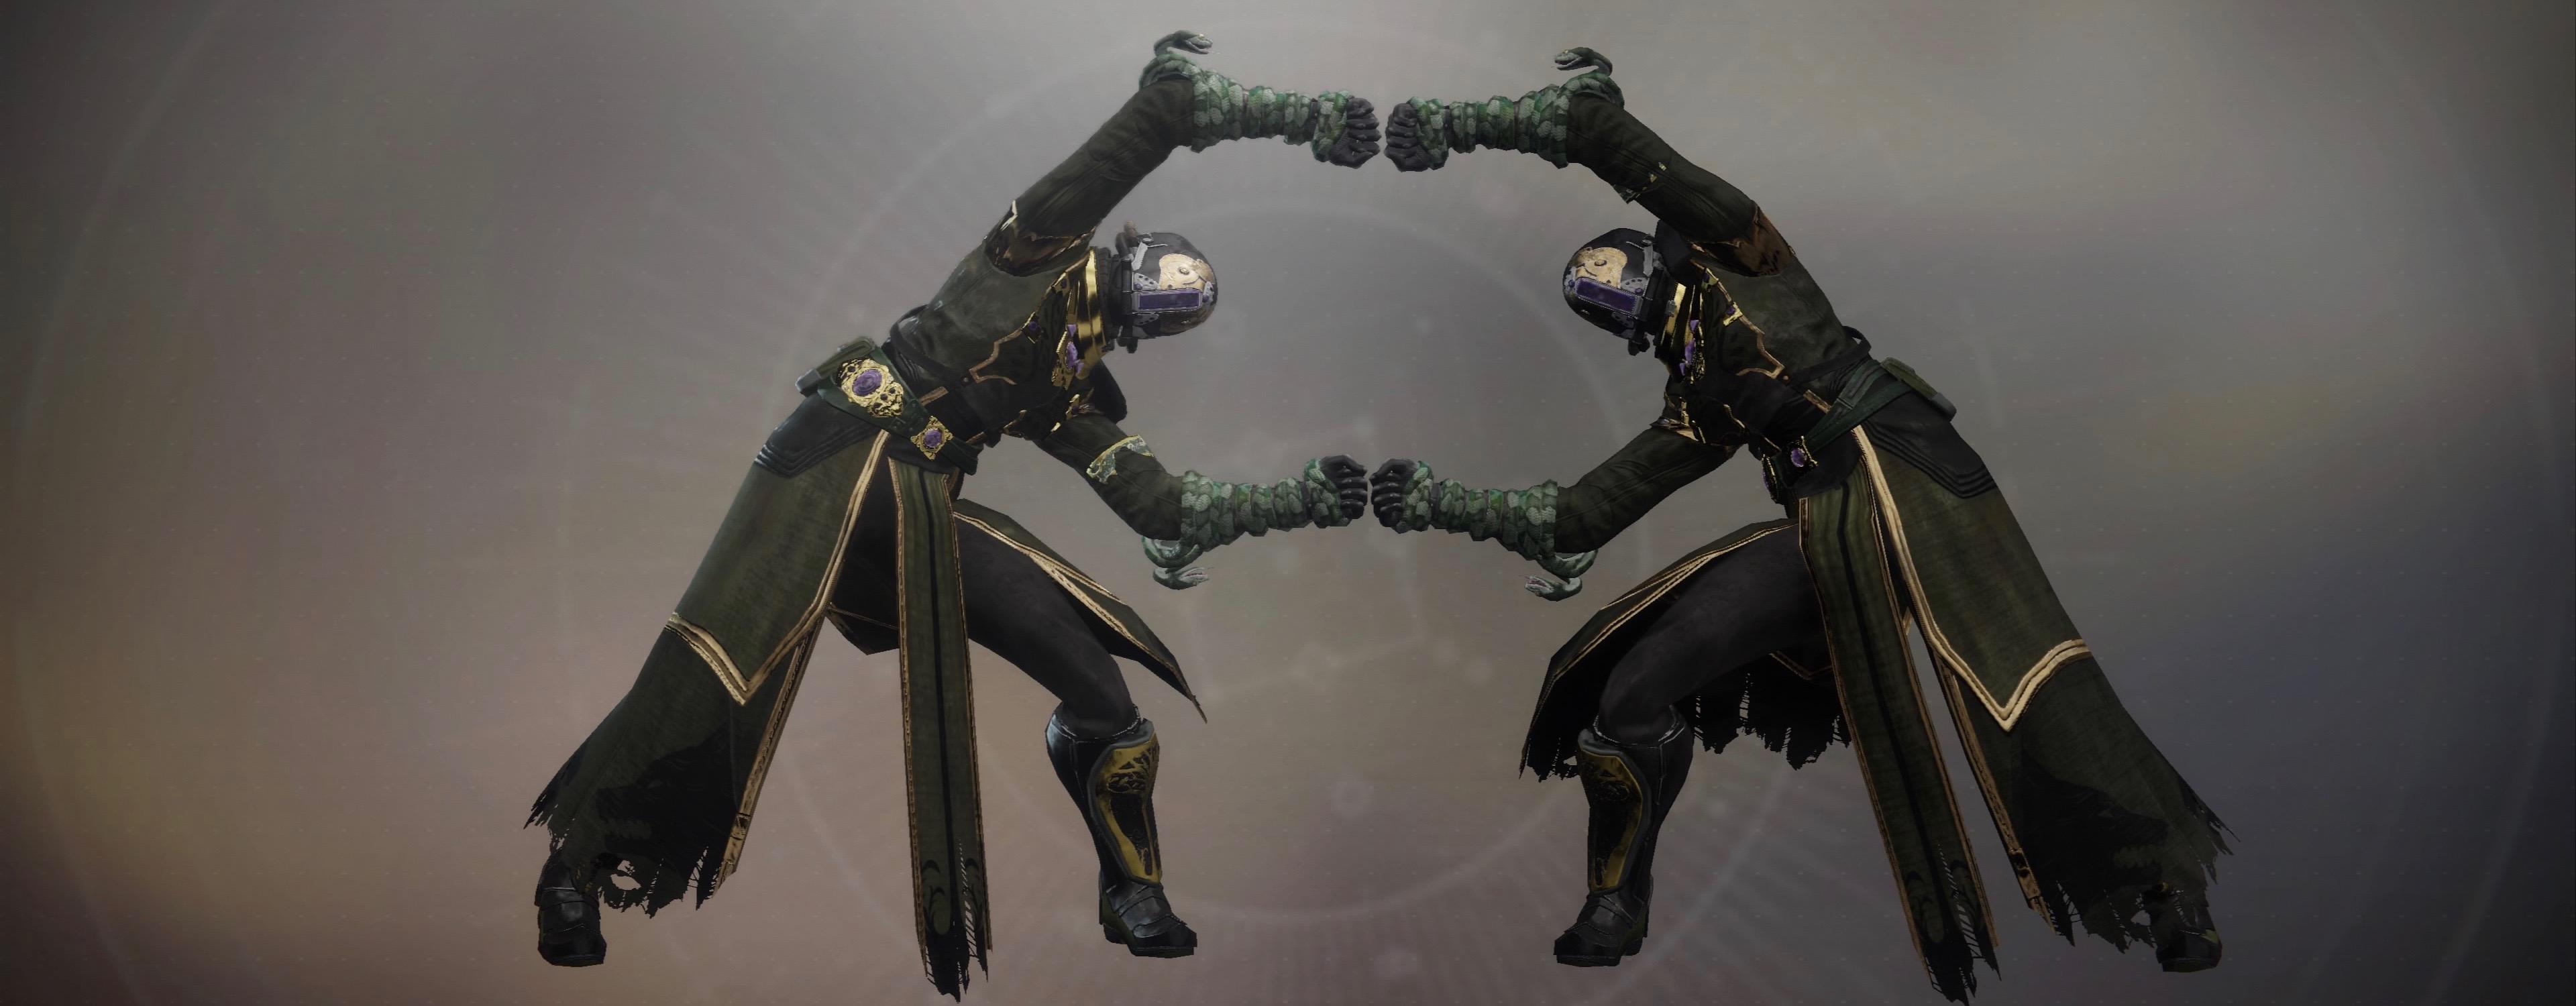 Dieses coole Emote aus Dragon Ball Z wird in Destiny 2 grad gefeiert